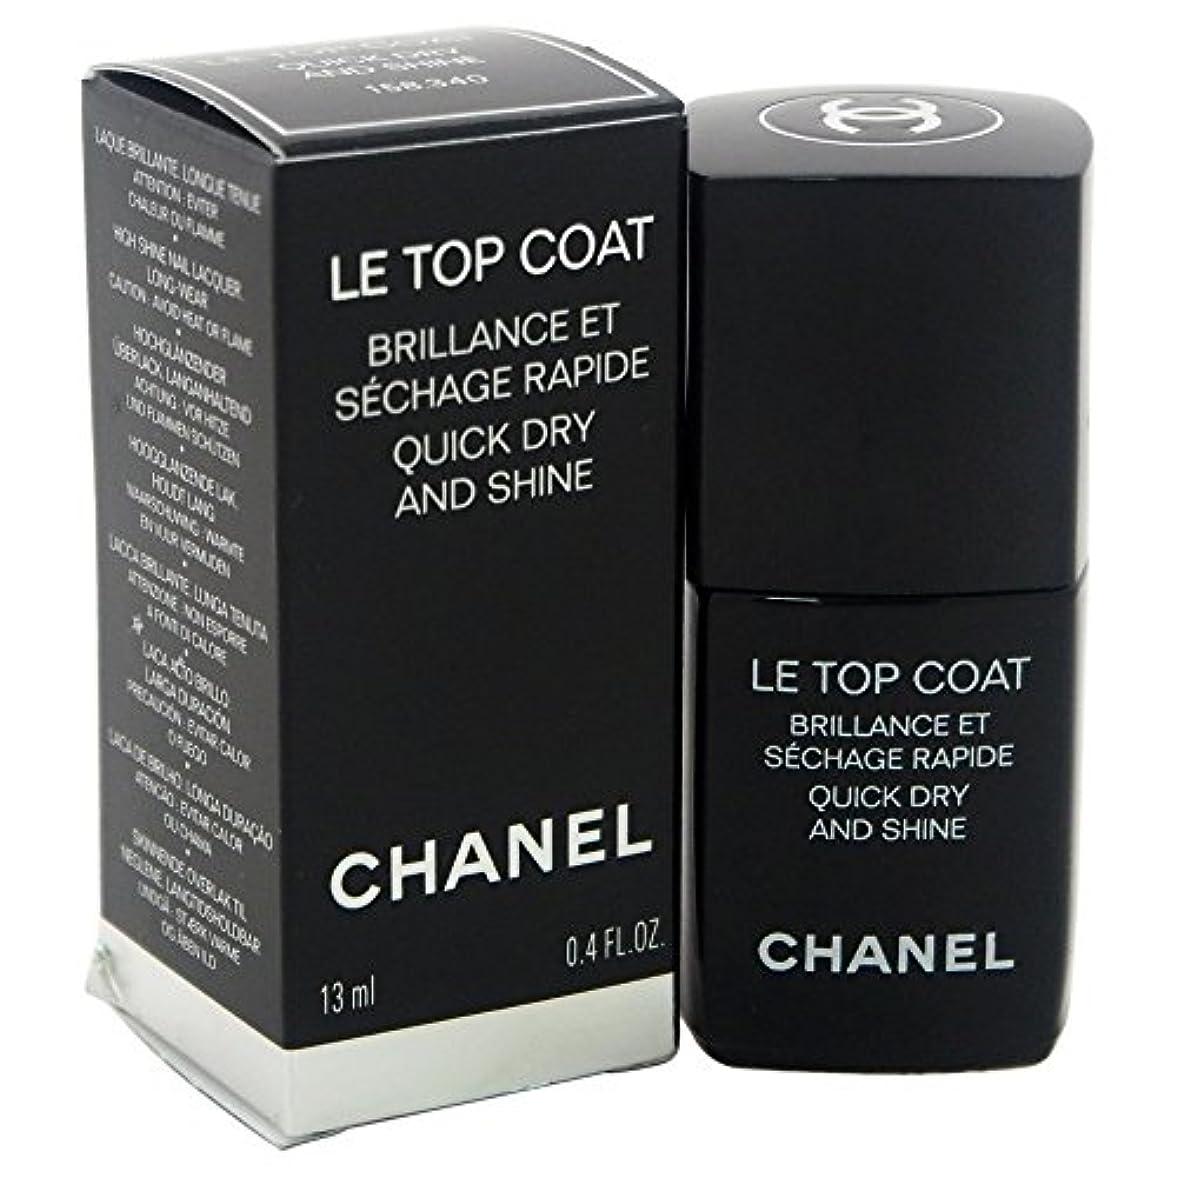 反論者市区町村有能なシャネル Le Top Coat (Quick Dry And Shine) 13ml/0.4oz